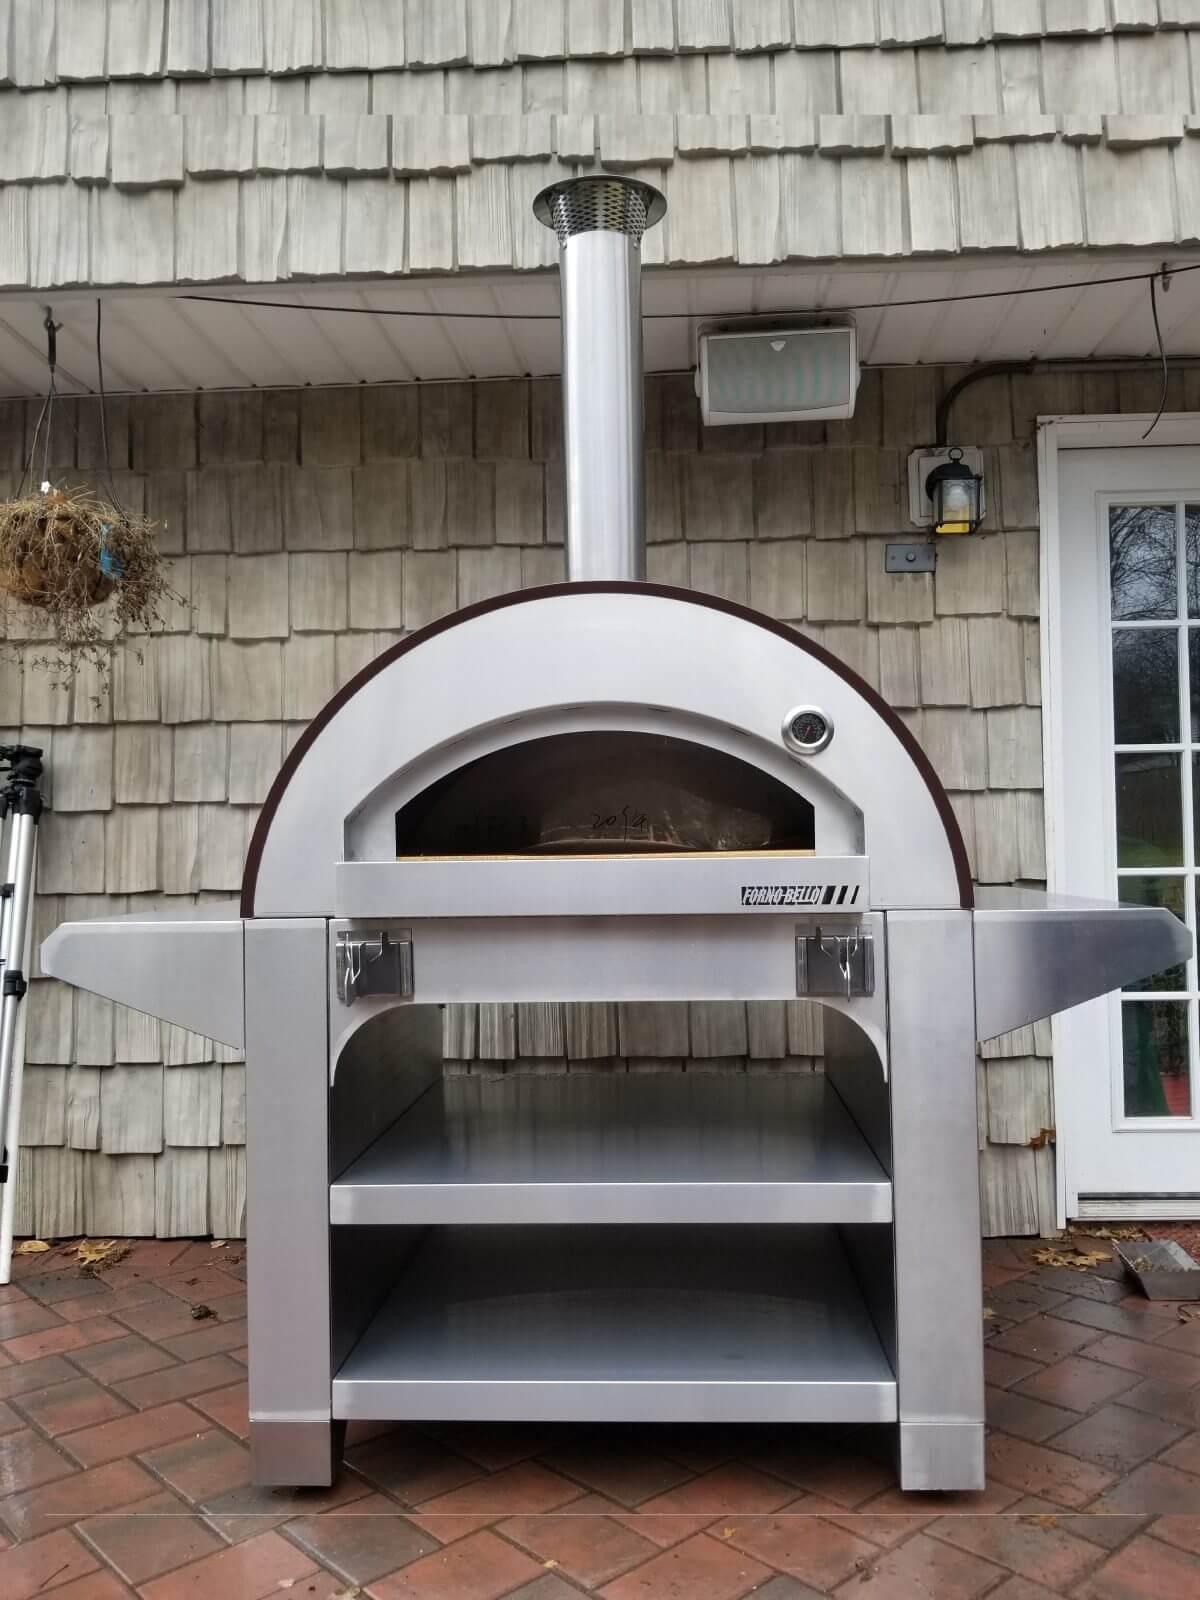 Forno Bello Pizza Oven 28 Images Backyard Brick Oven Forno Bello